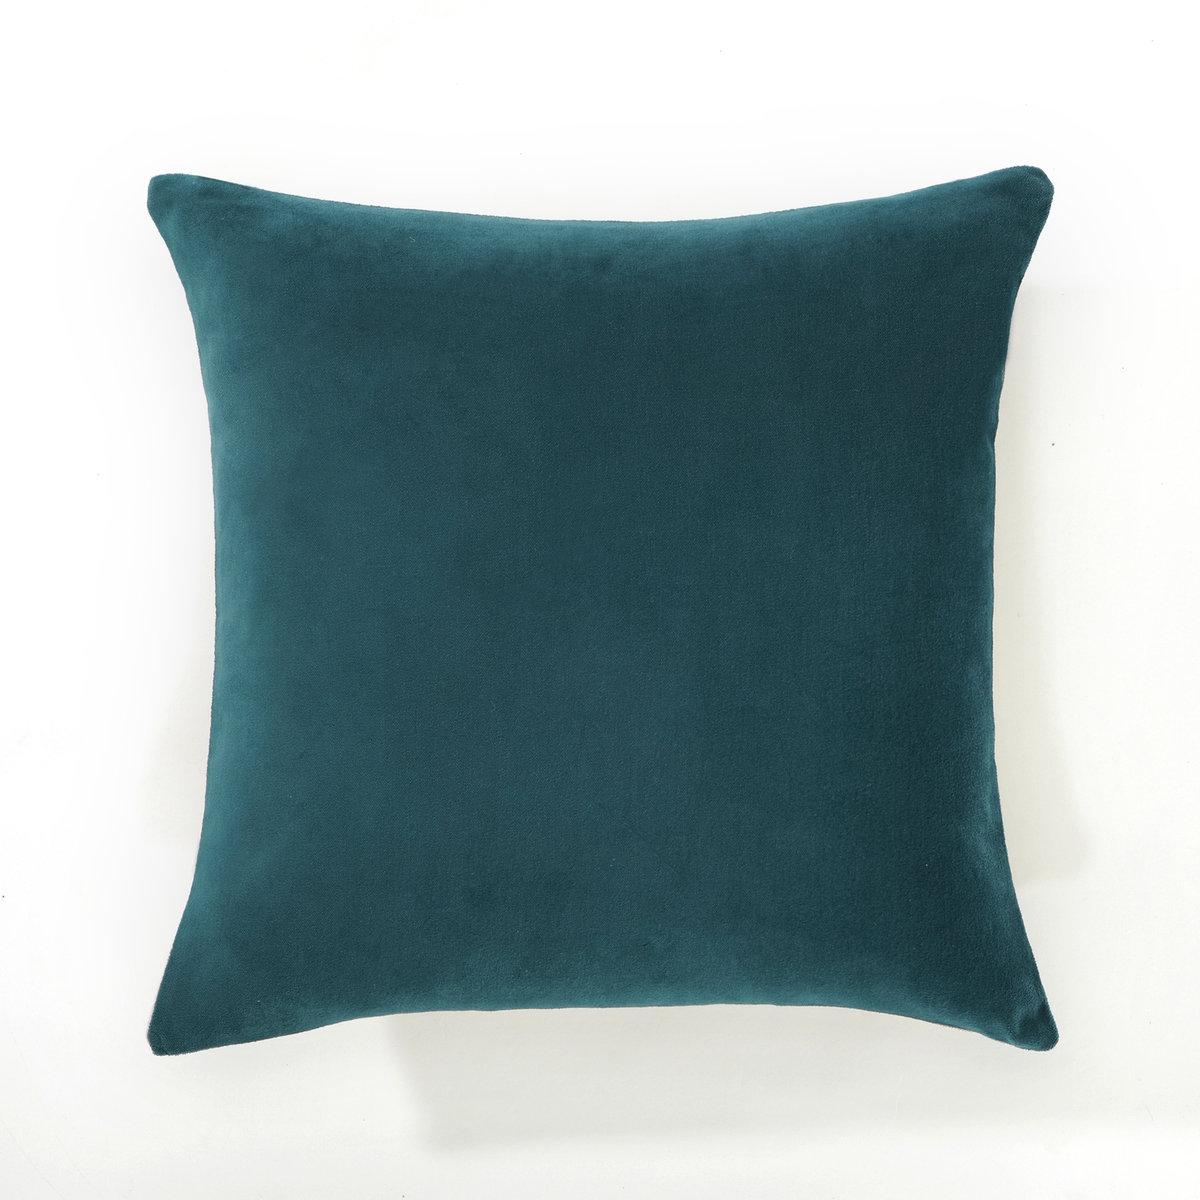 Чехол для подушки, плюш/лен,  KOSTIA от La Redoute